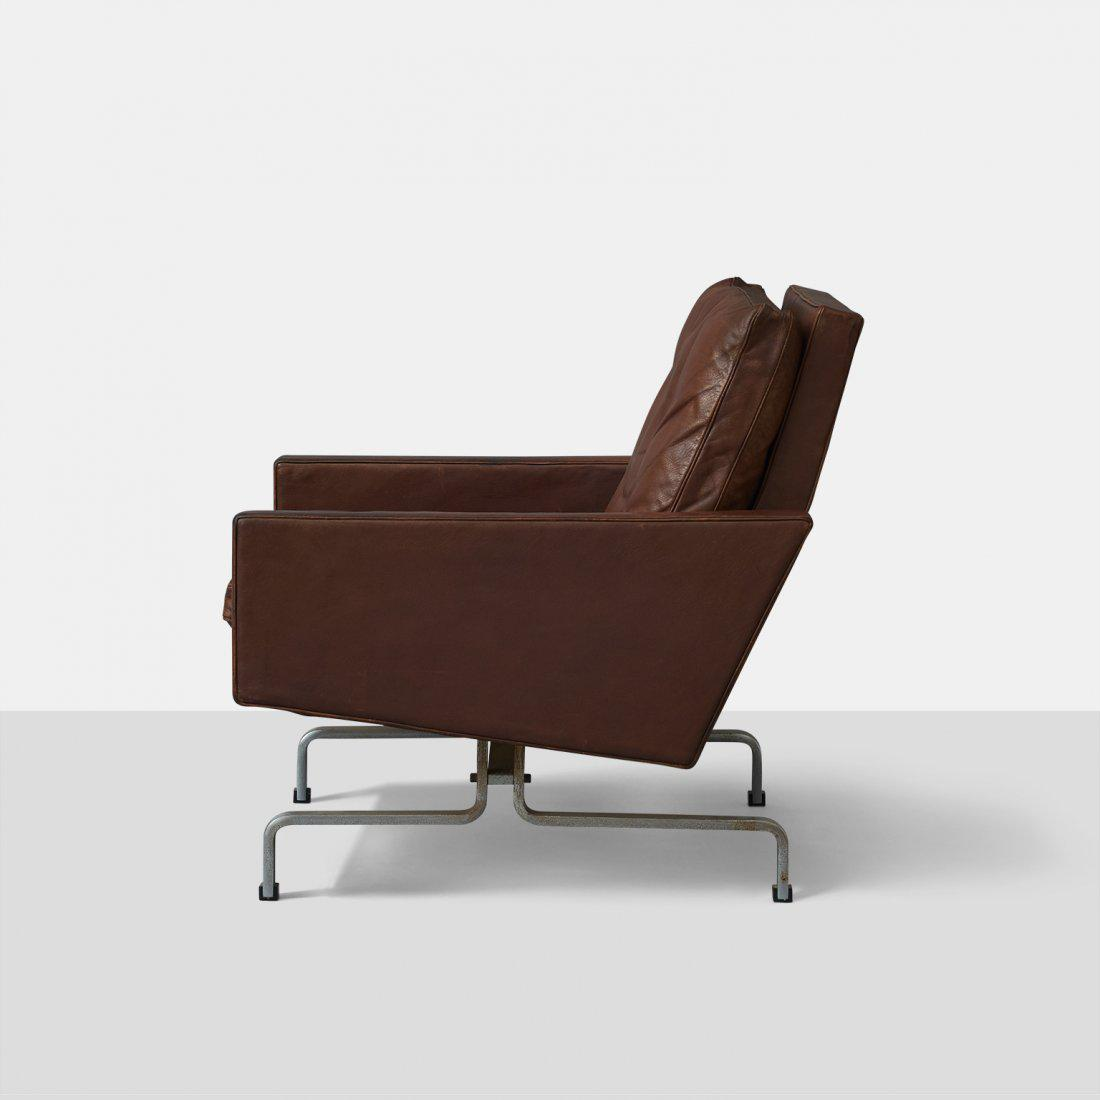 Poul Kjærholm Poul Kjaerholm Leather Chair For Sale   Image 4 Of 6